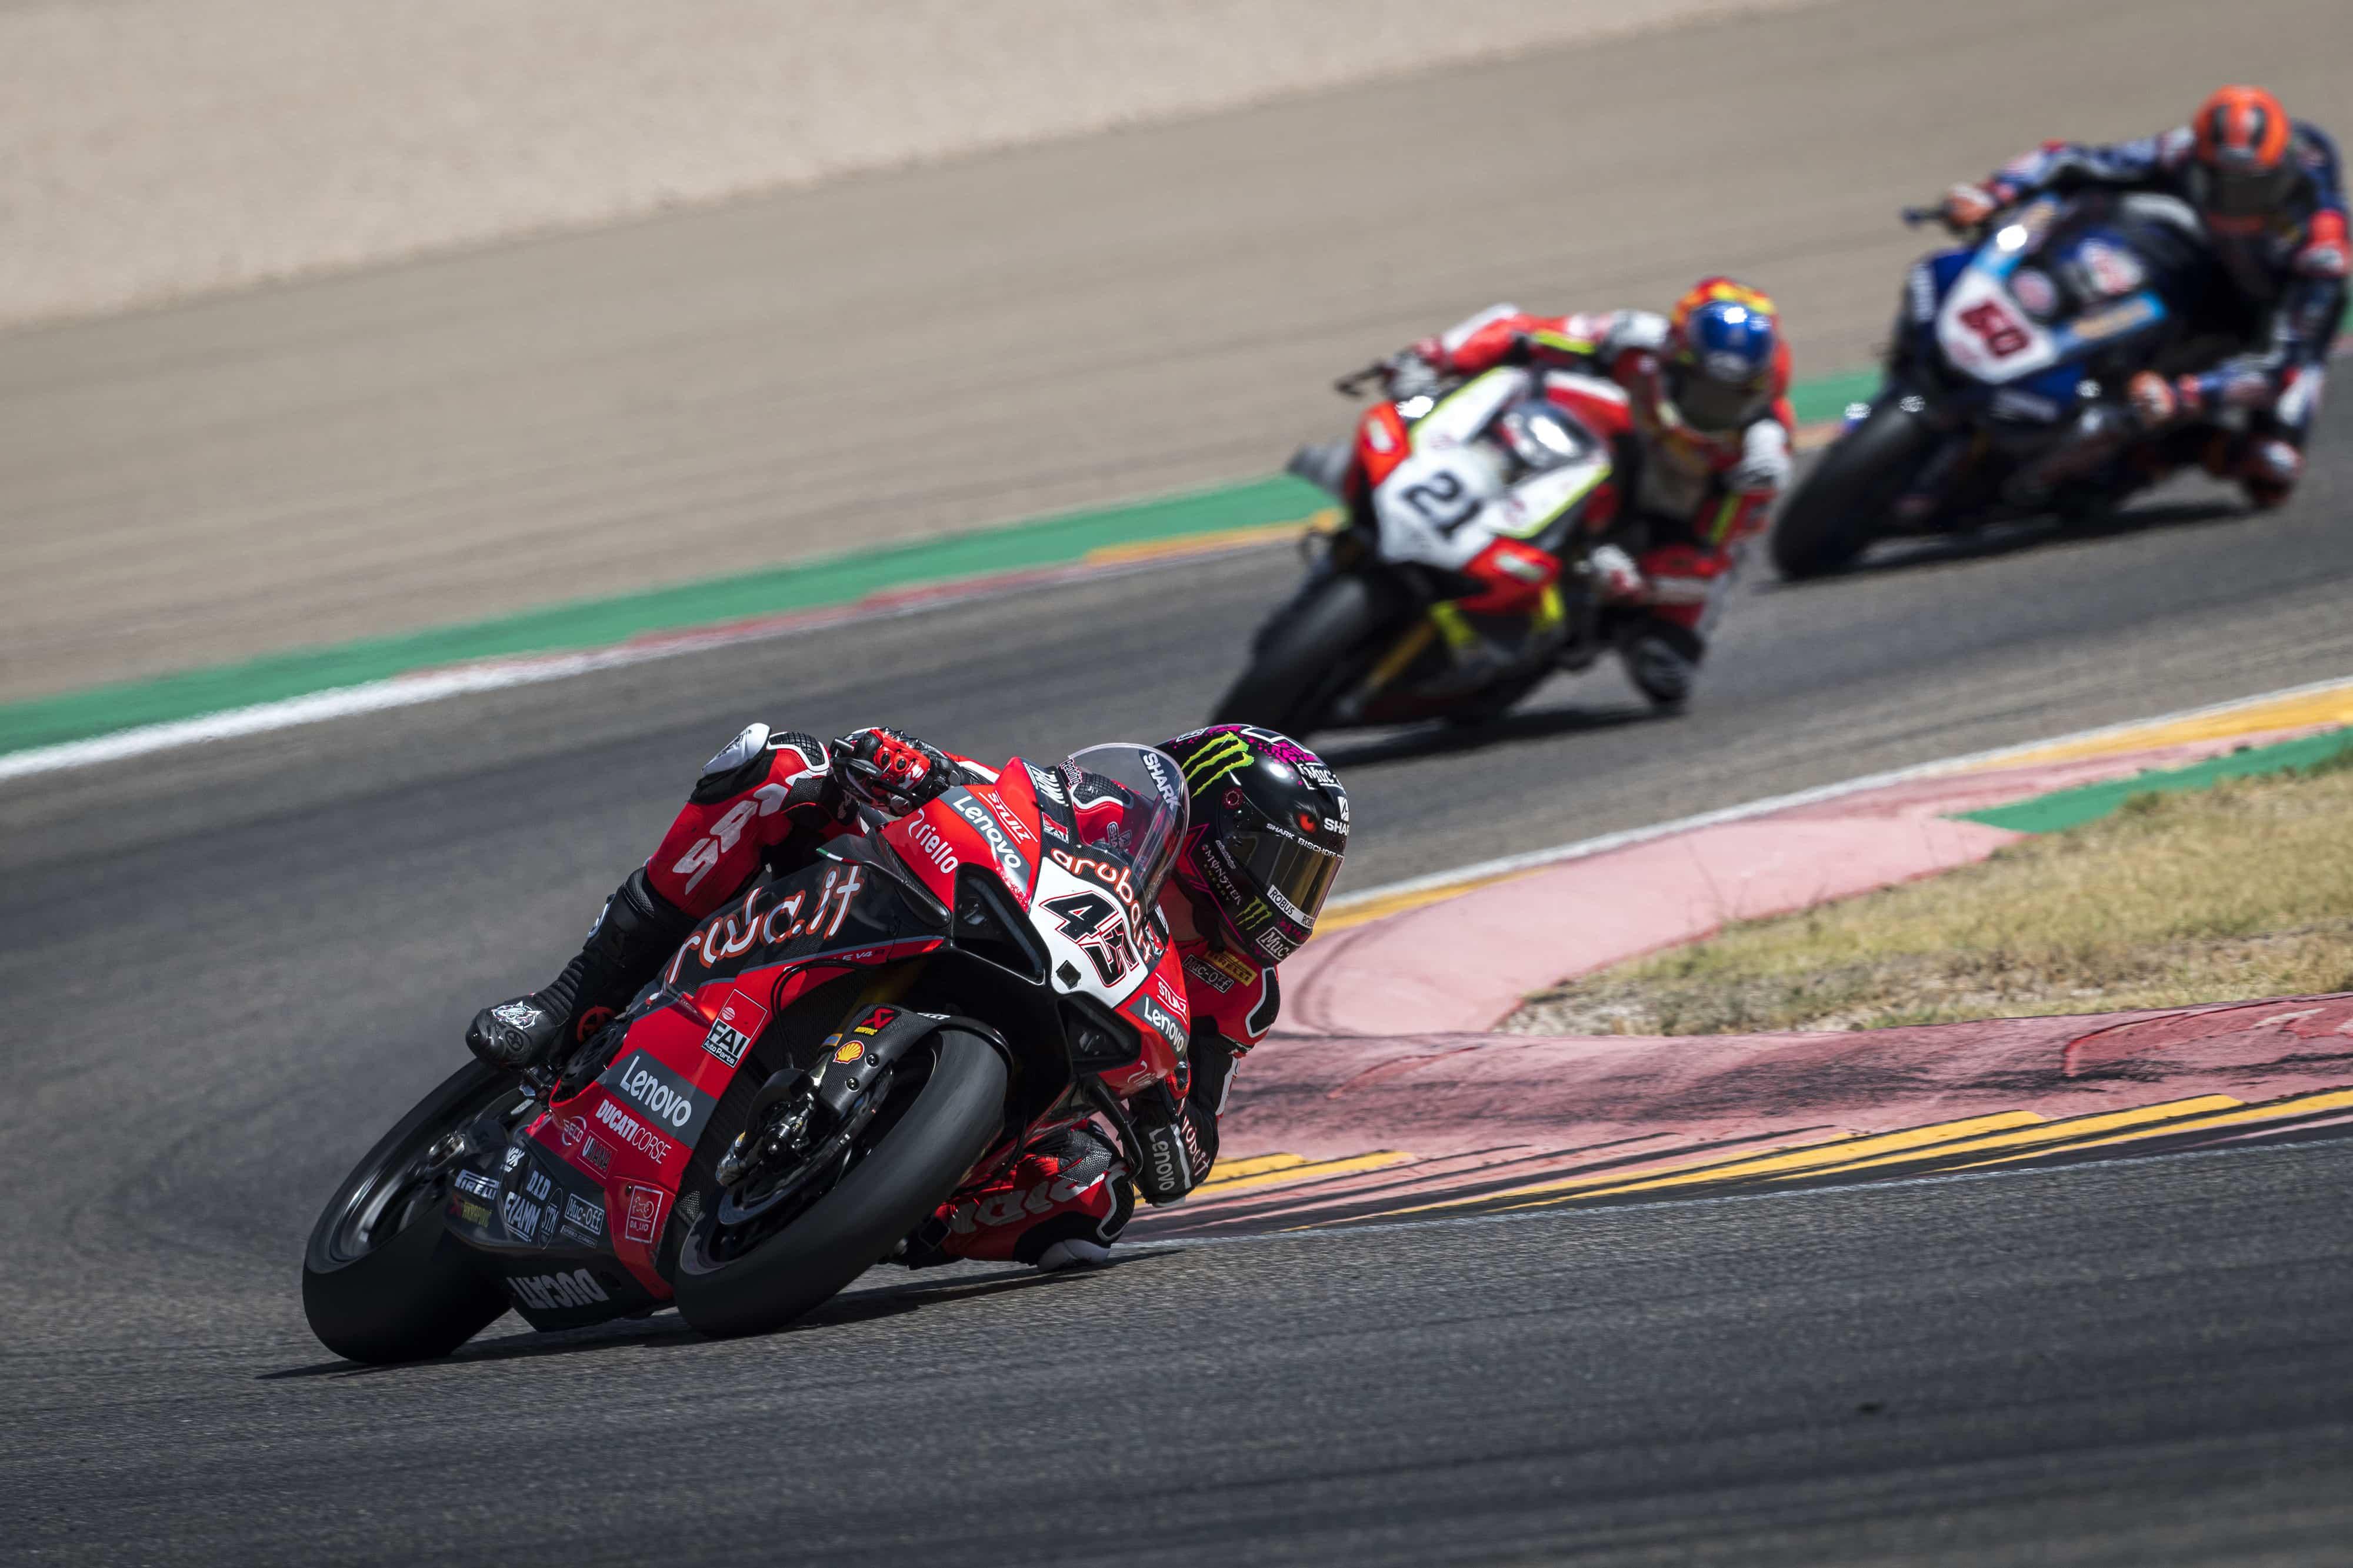 スーパーバイク世界選手権(SBK)テルエル戦 スコット・レディング「同じサーキットでの連戦は正直好きじゃない」